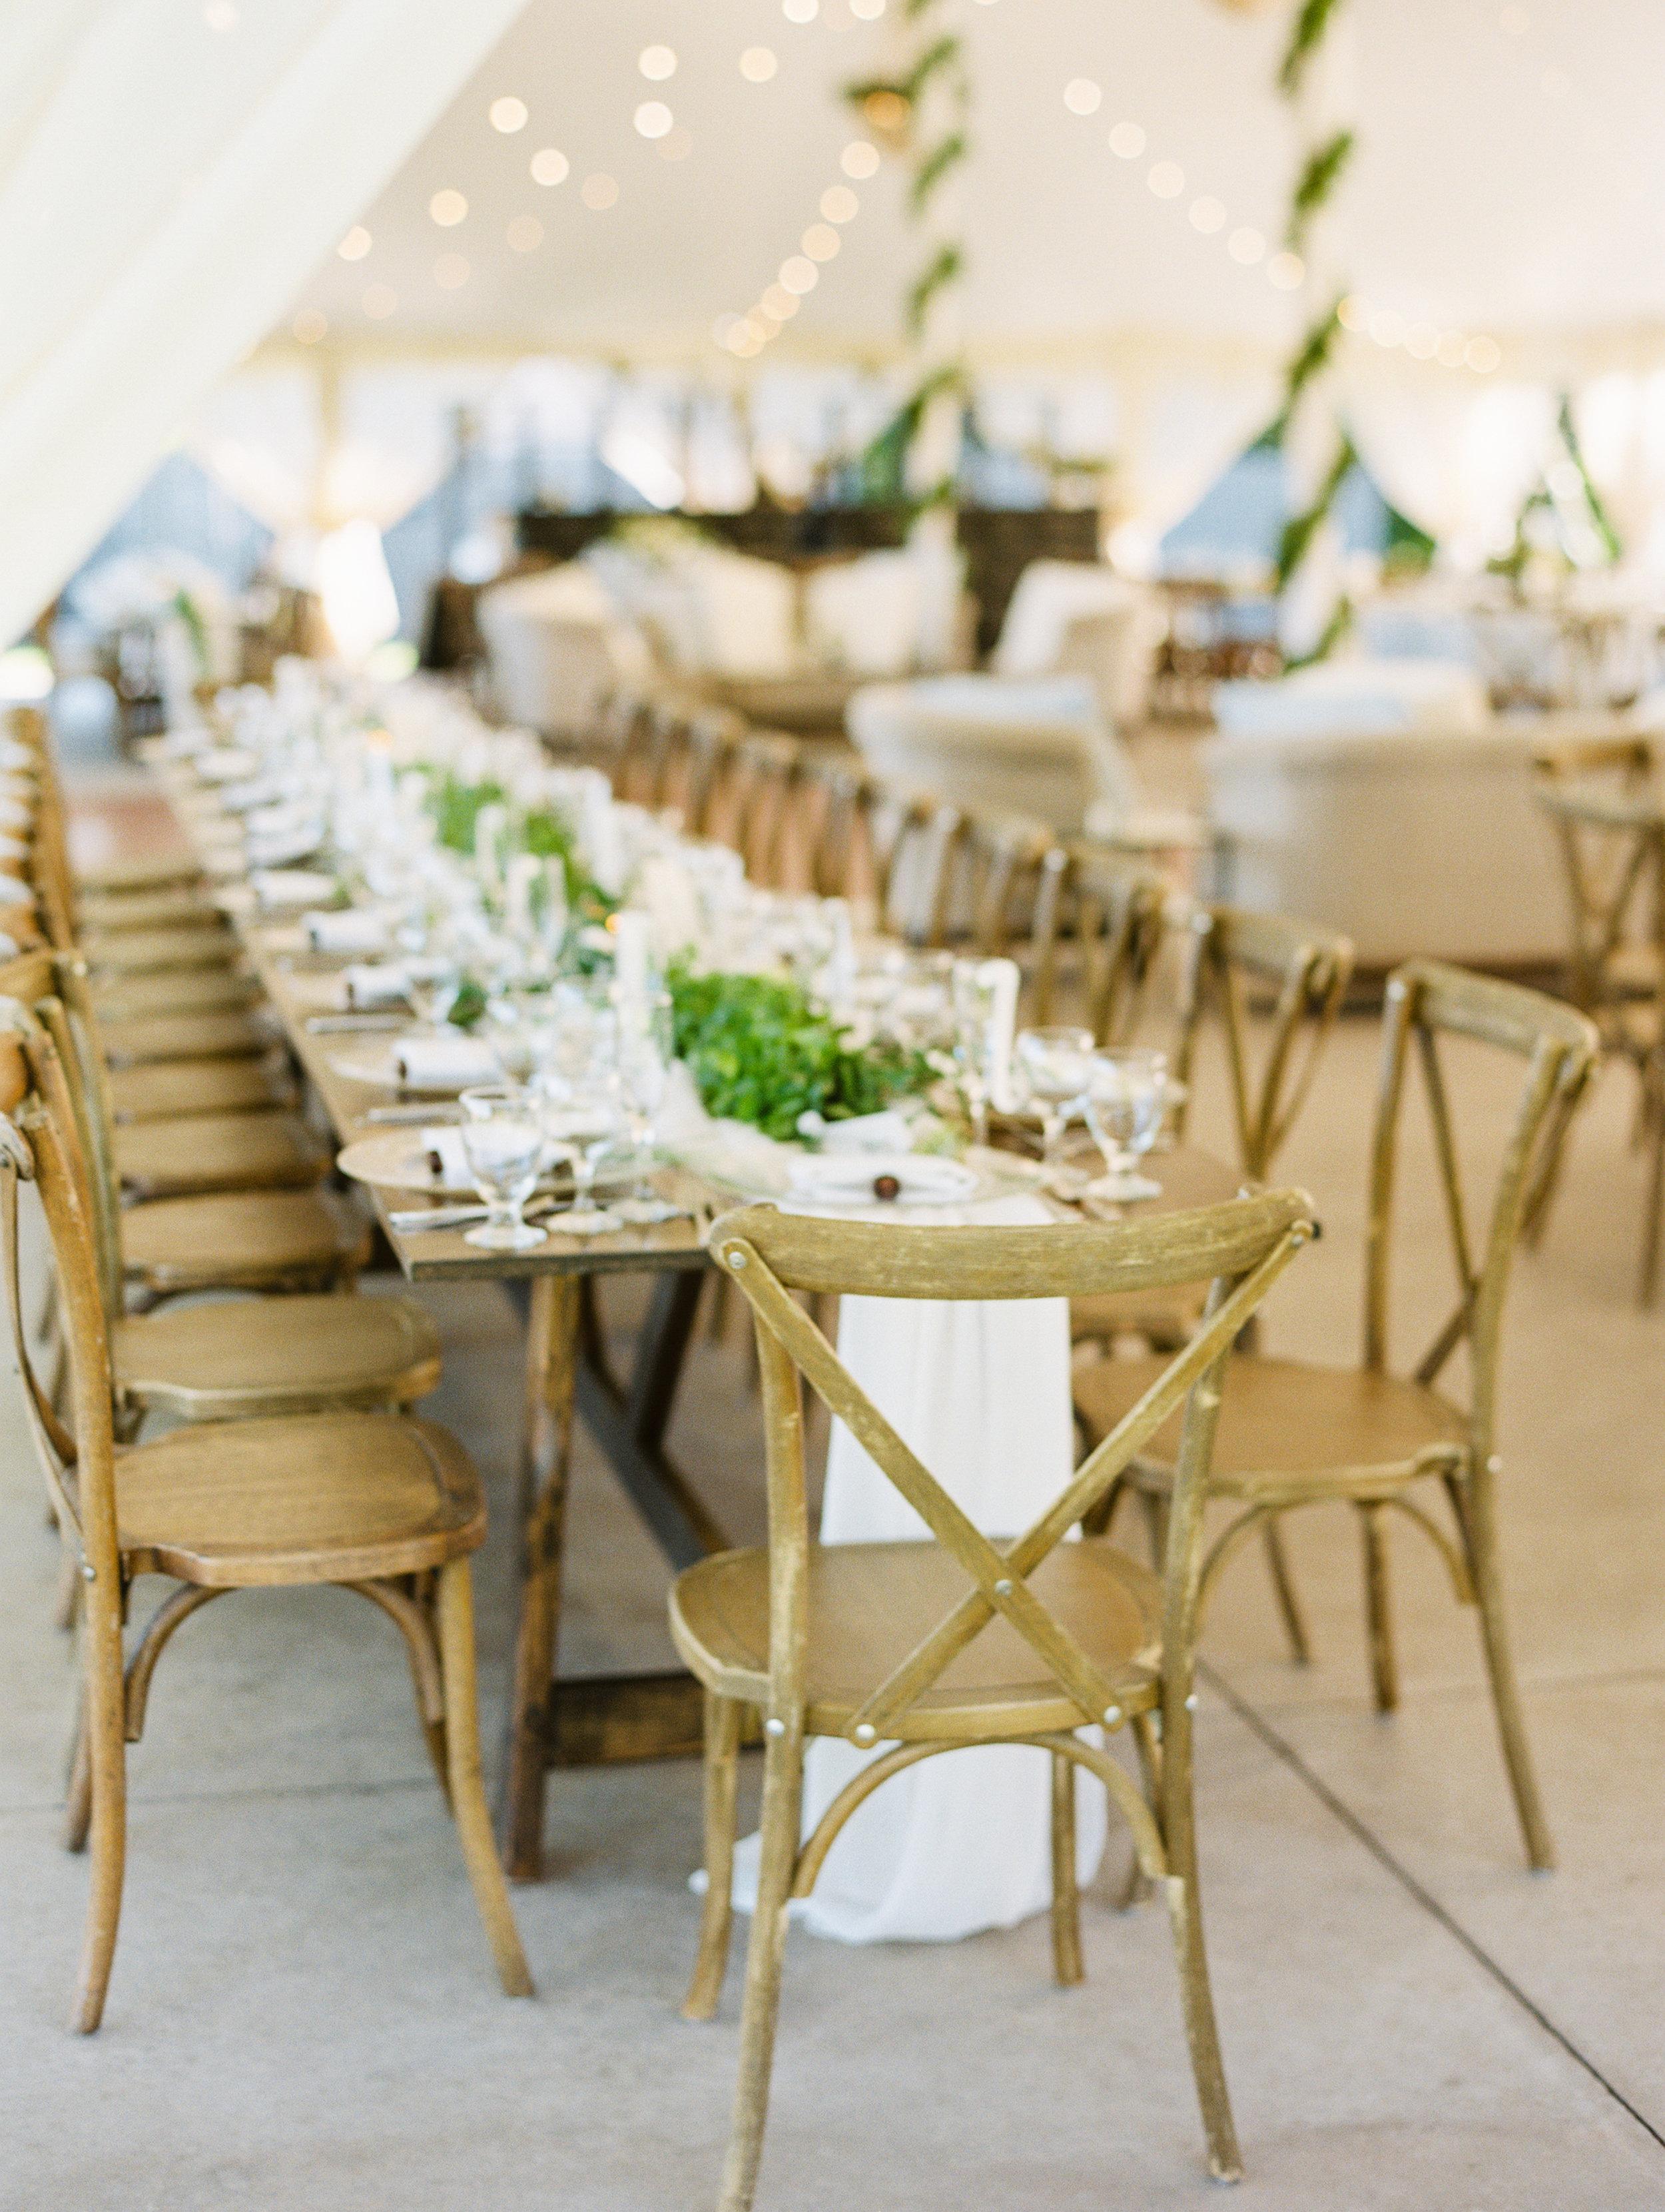 Steinlage+Wedding+Reception+Details-129.jpg